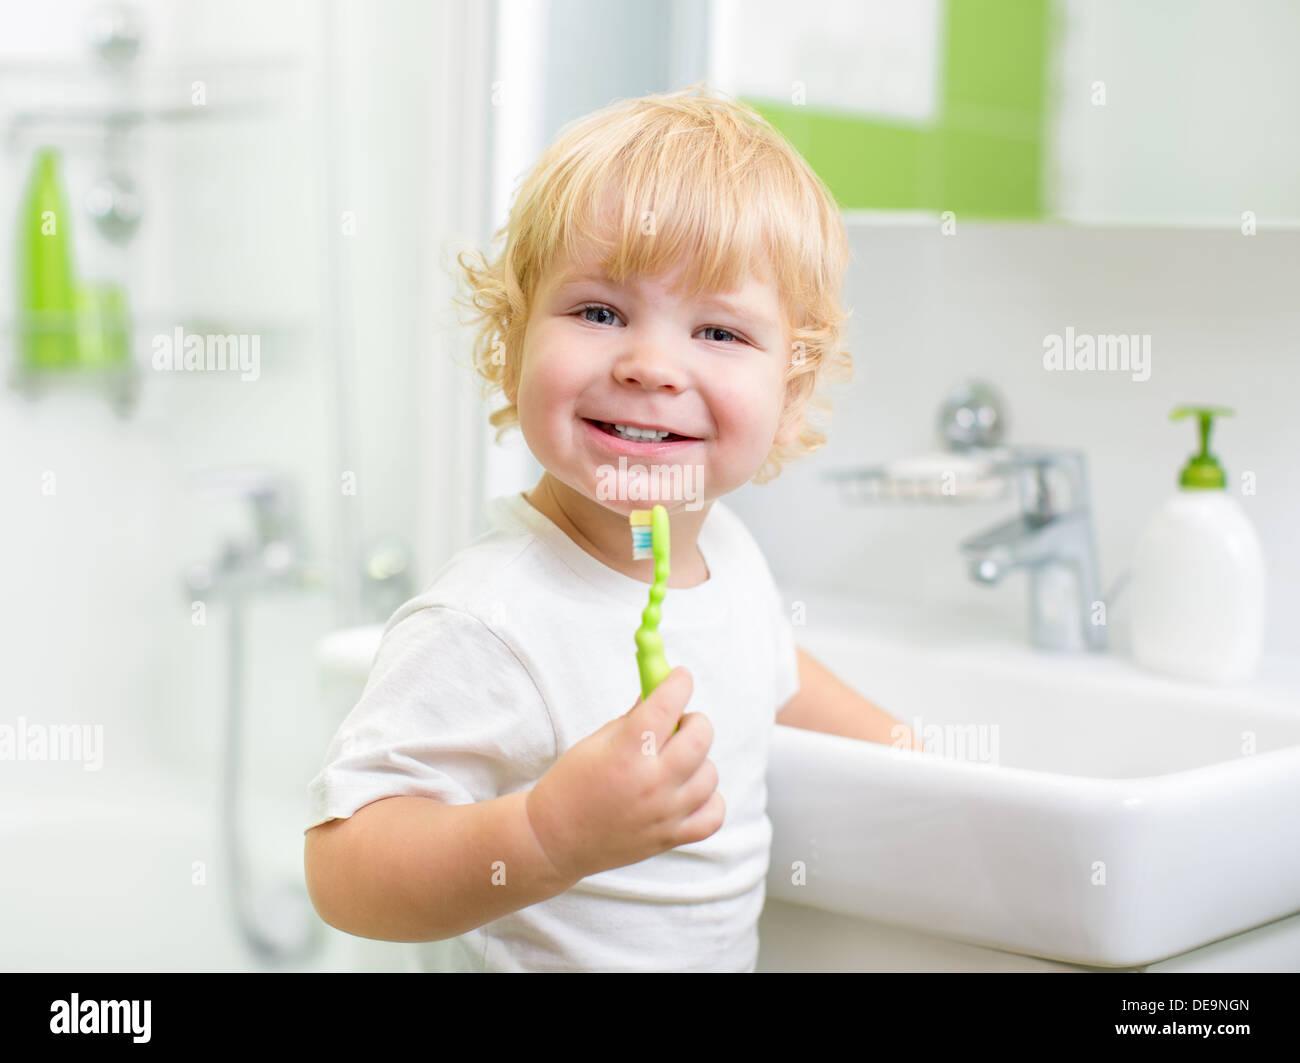 Happy kid or child brushing teeth in bathroom. Dental hygiene. - Stock Image